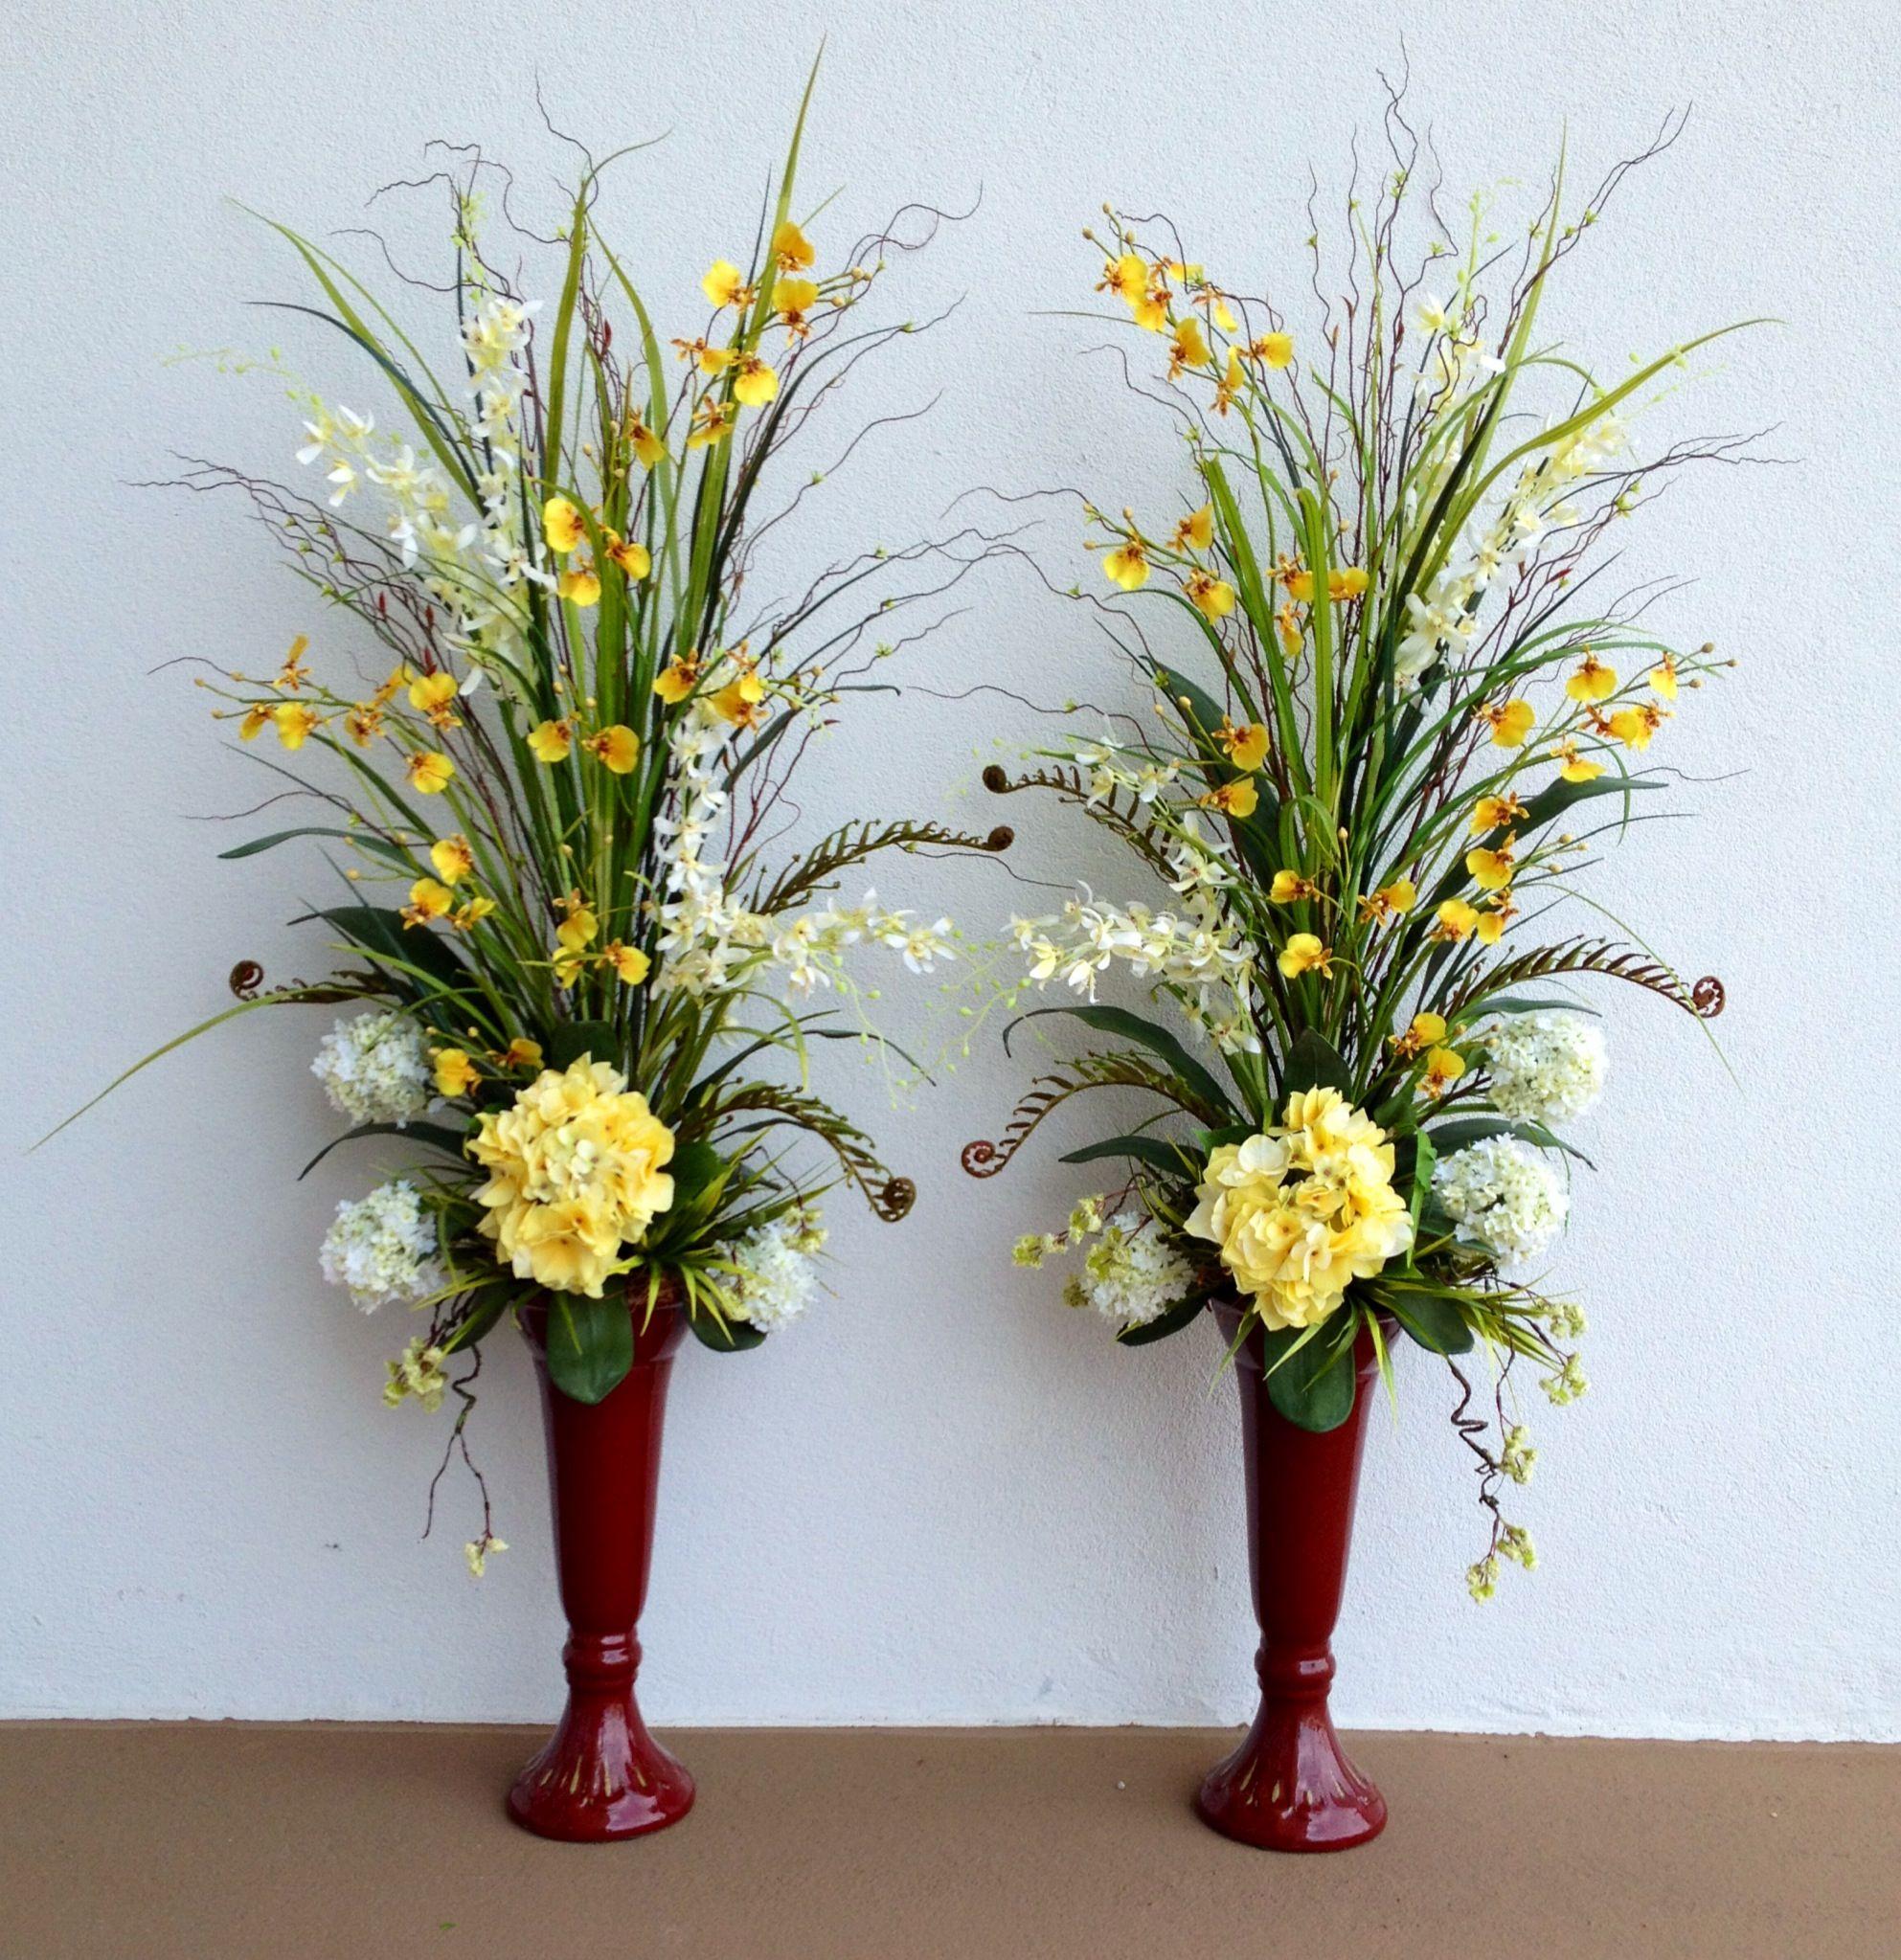 Mantel Arrangements: Mantel Arrangements . Designed By Arcadia Floral & Home